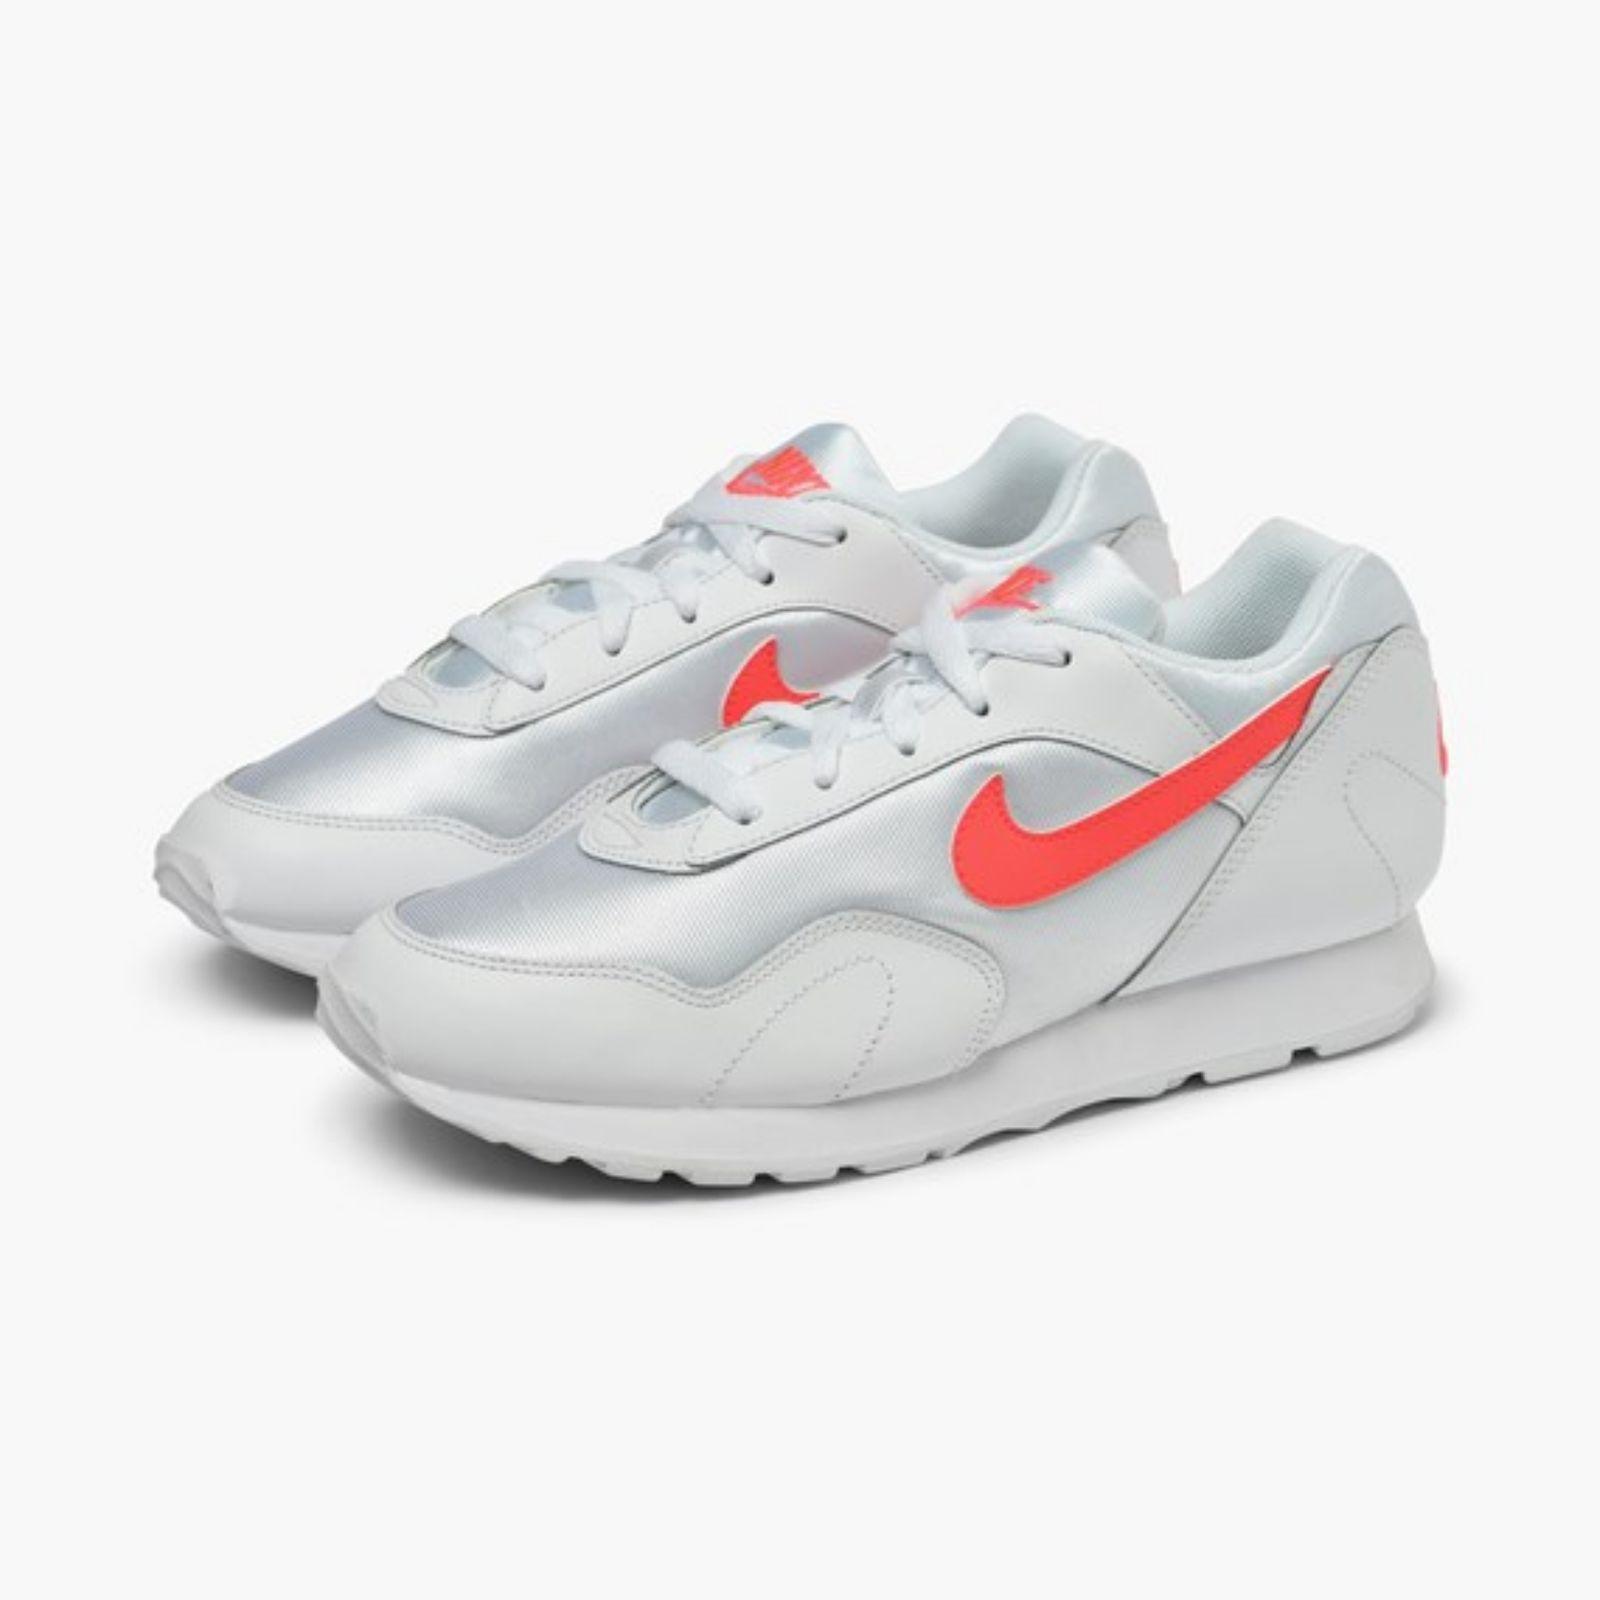 کفش راحتی مردانه نایکی مدل OUTBURST کد ۱۰۱ -  - 6